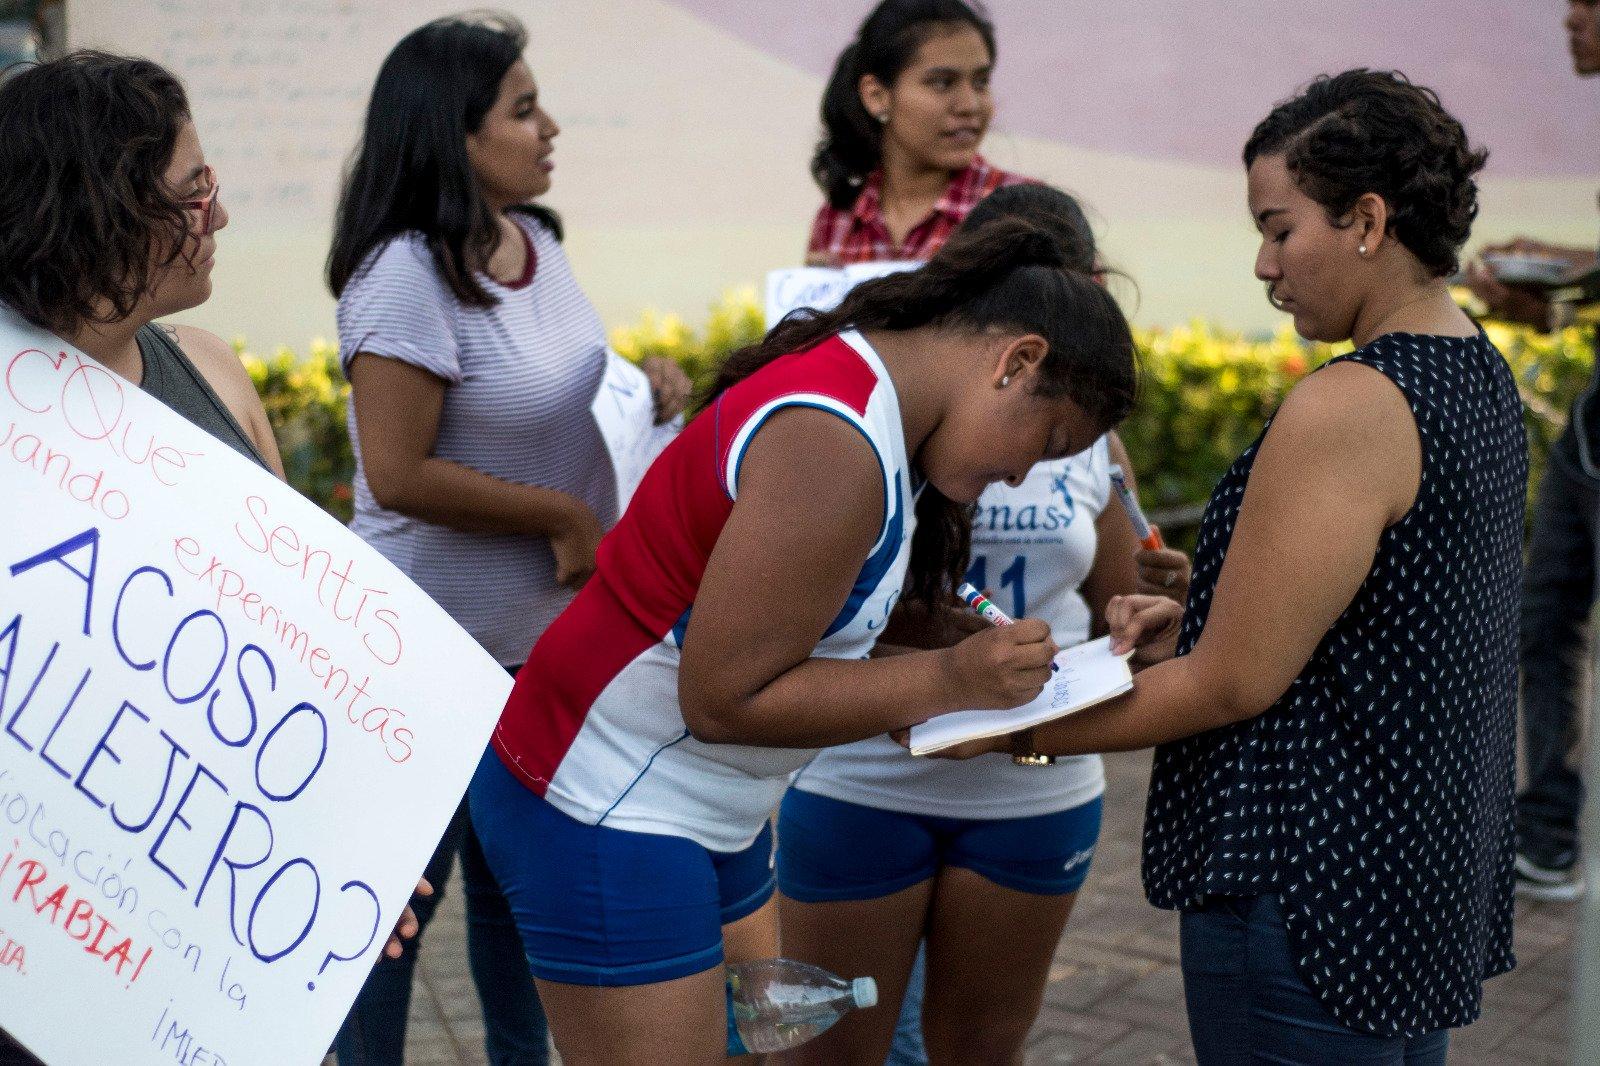 """Los """"shht shht"""" que se escuchan en las calles de Nicaragua no son el canto de nuestro ave nacional.  Es acoso y #NoEsMiCultura #EndSH https://t.co/WxJE2HU30k"""